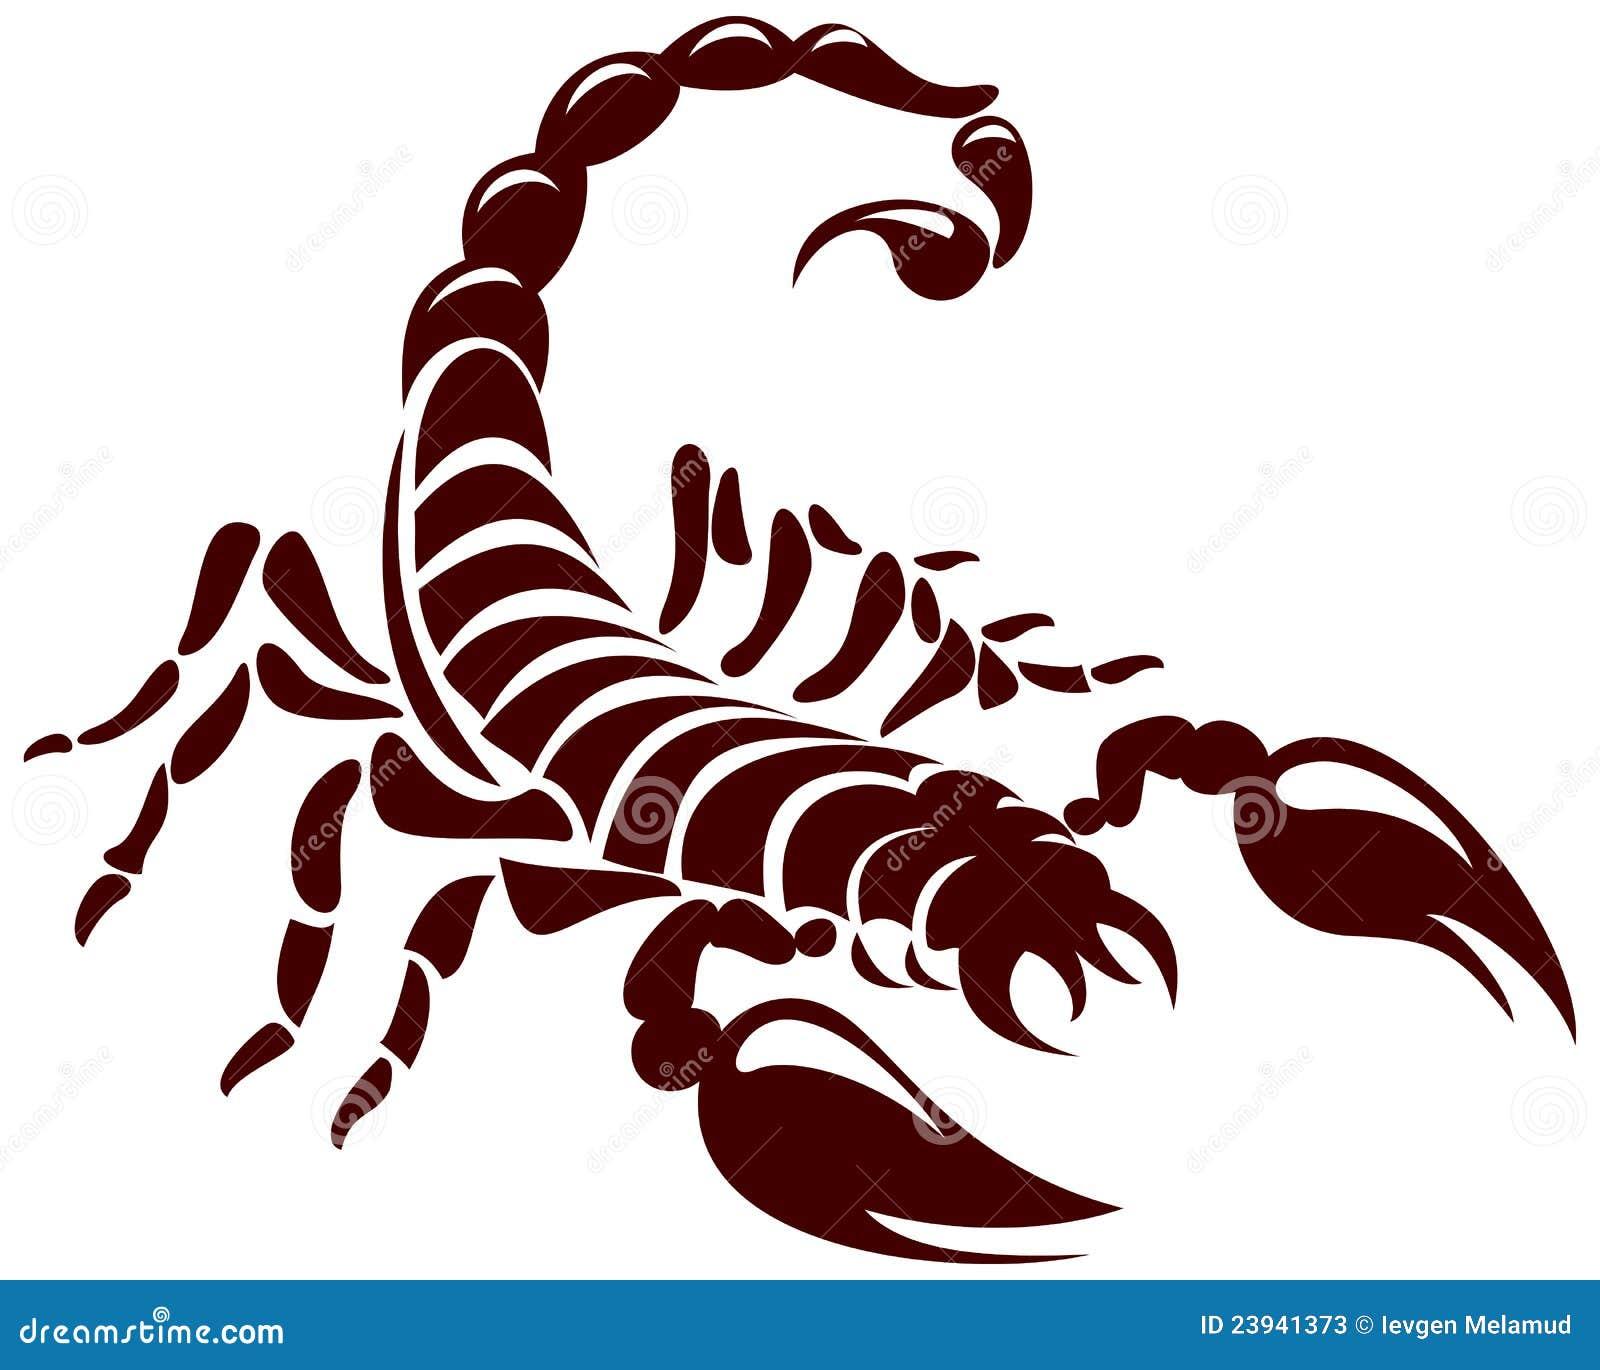 тату скорпион картинки скачать